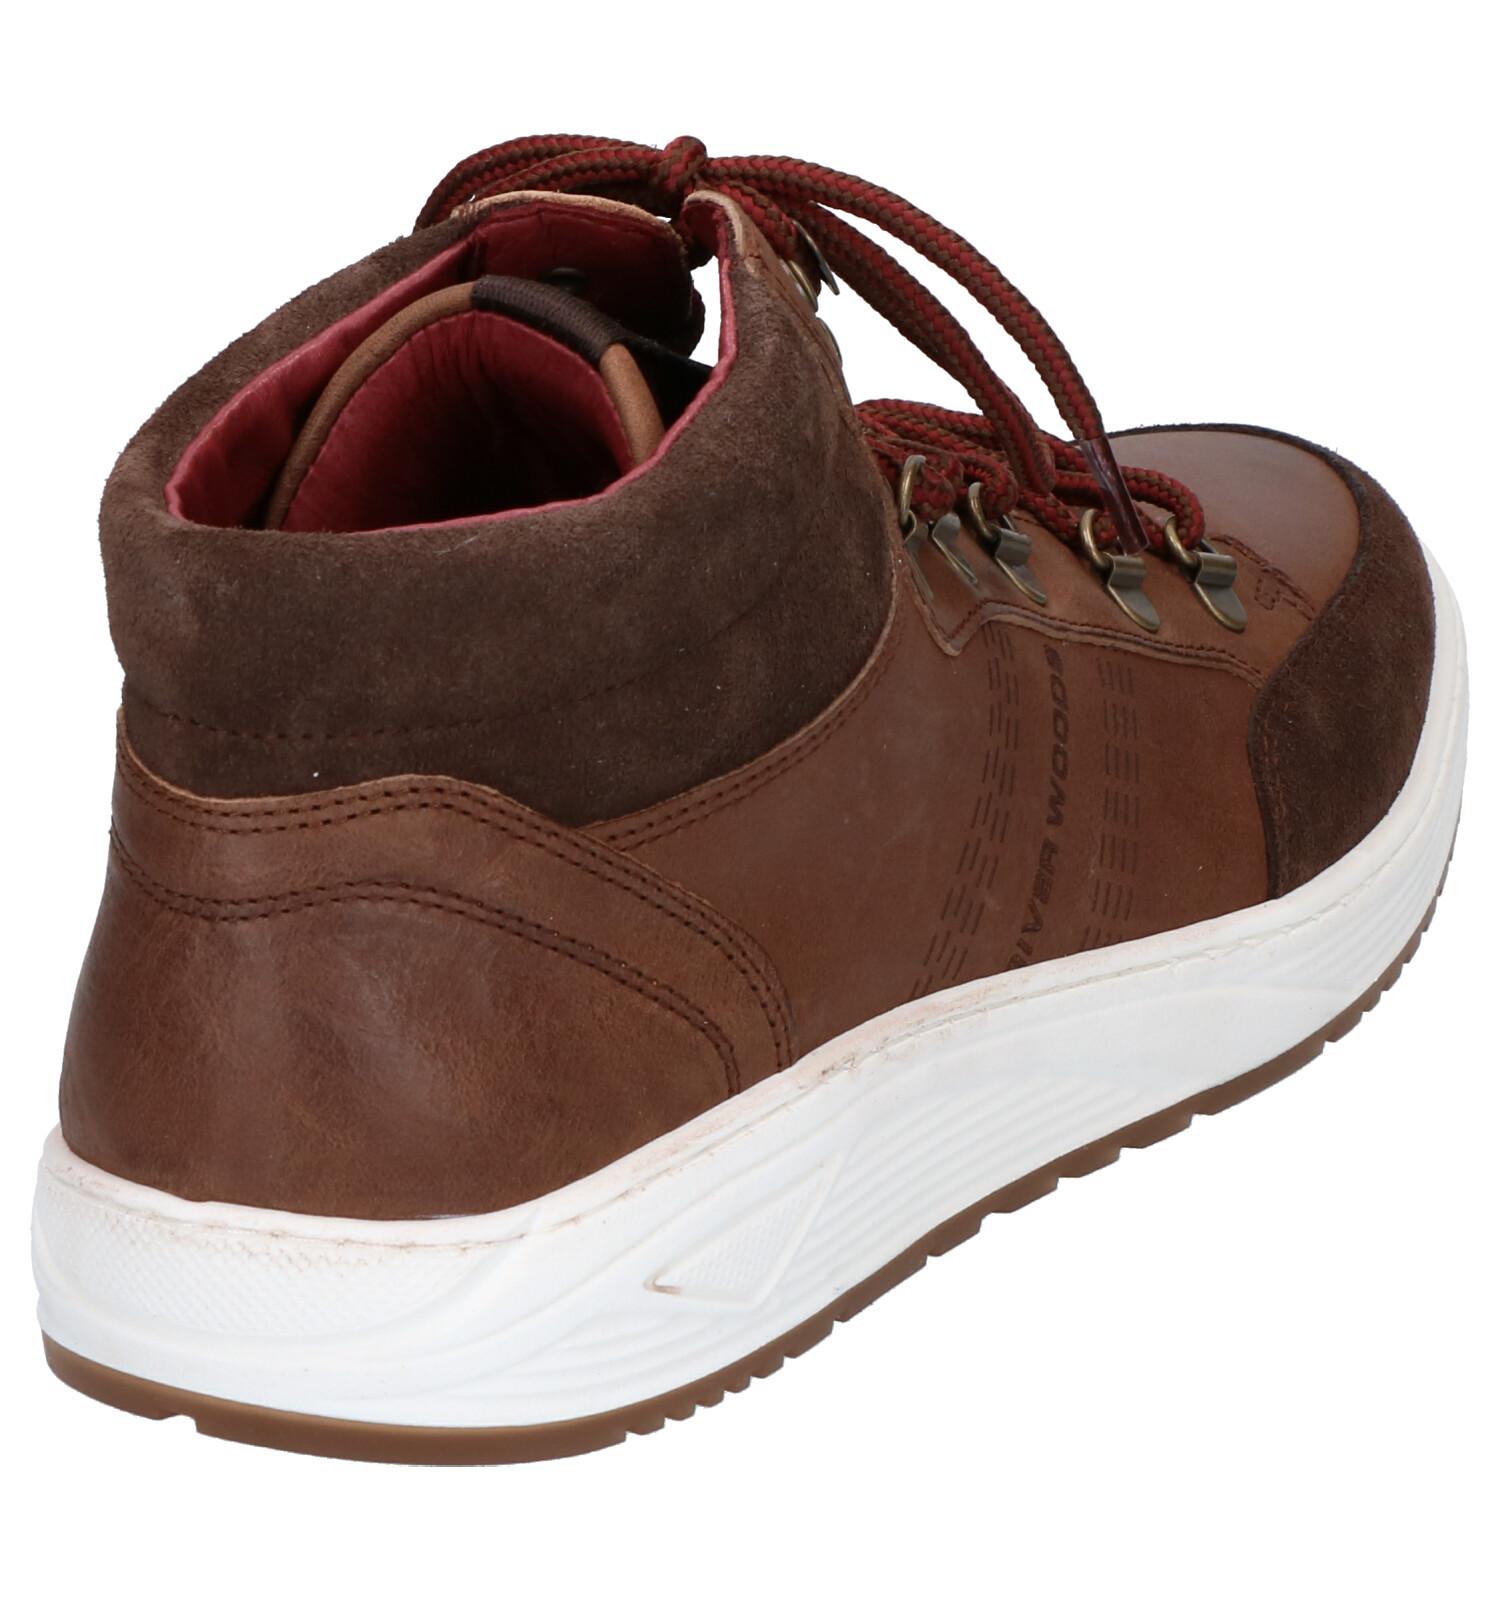 Et Woods HautescognacTorfs River Chaussures be Livraison 3A5j4RLq